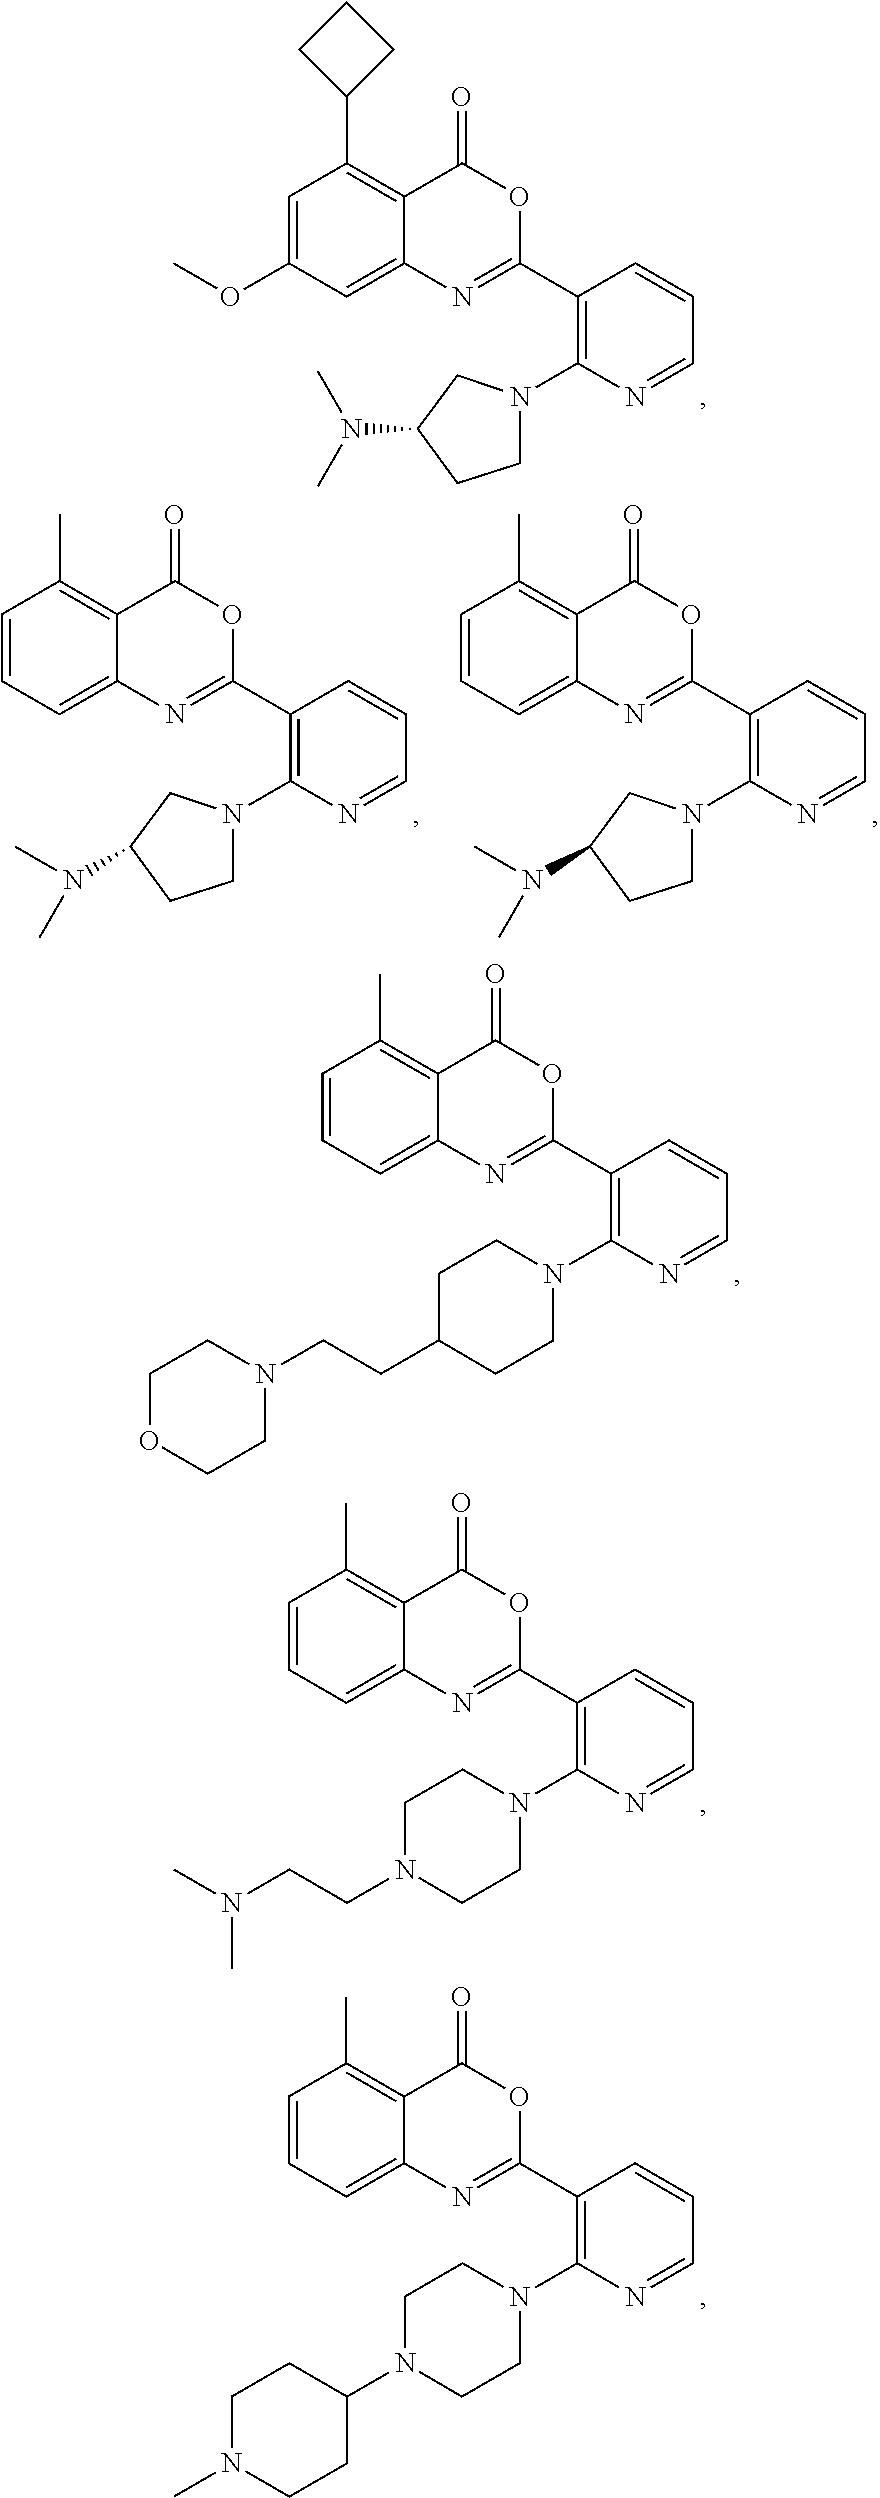 Figure US07879846-20110201-C00404